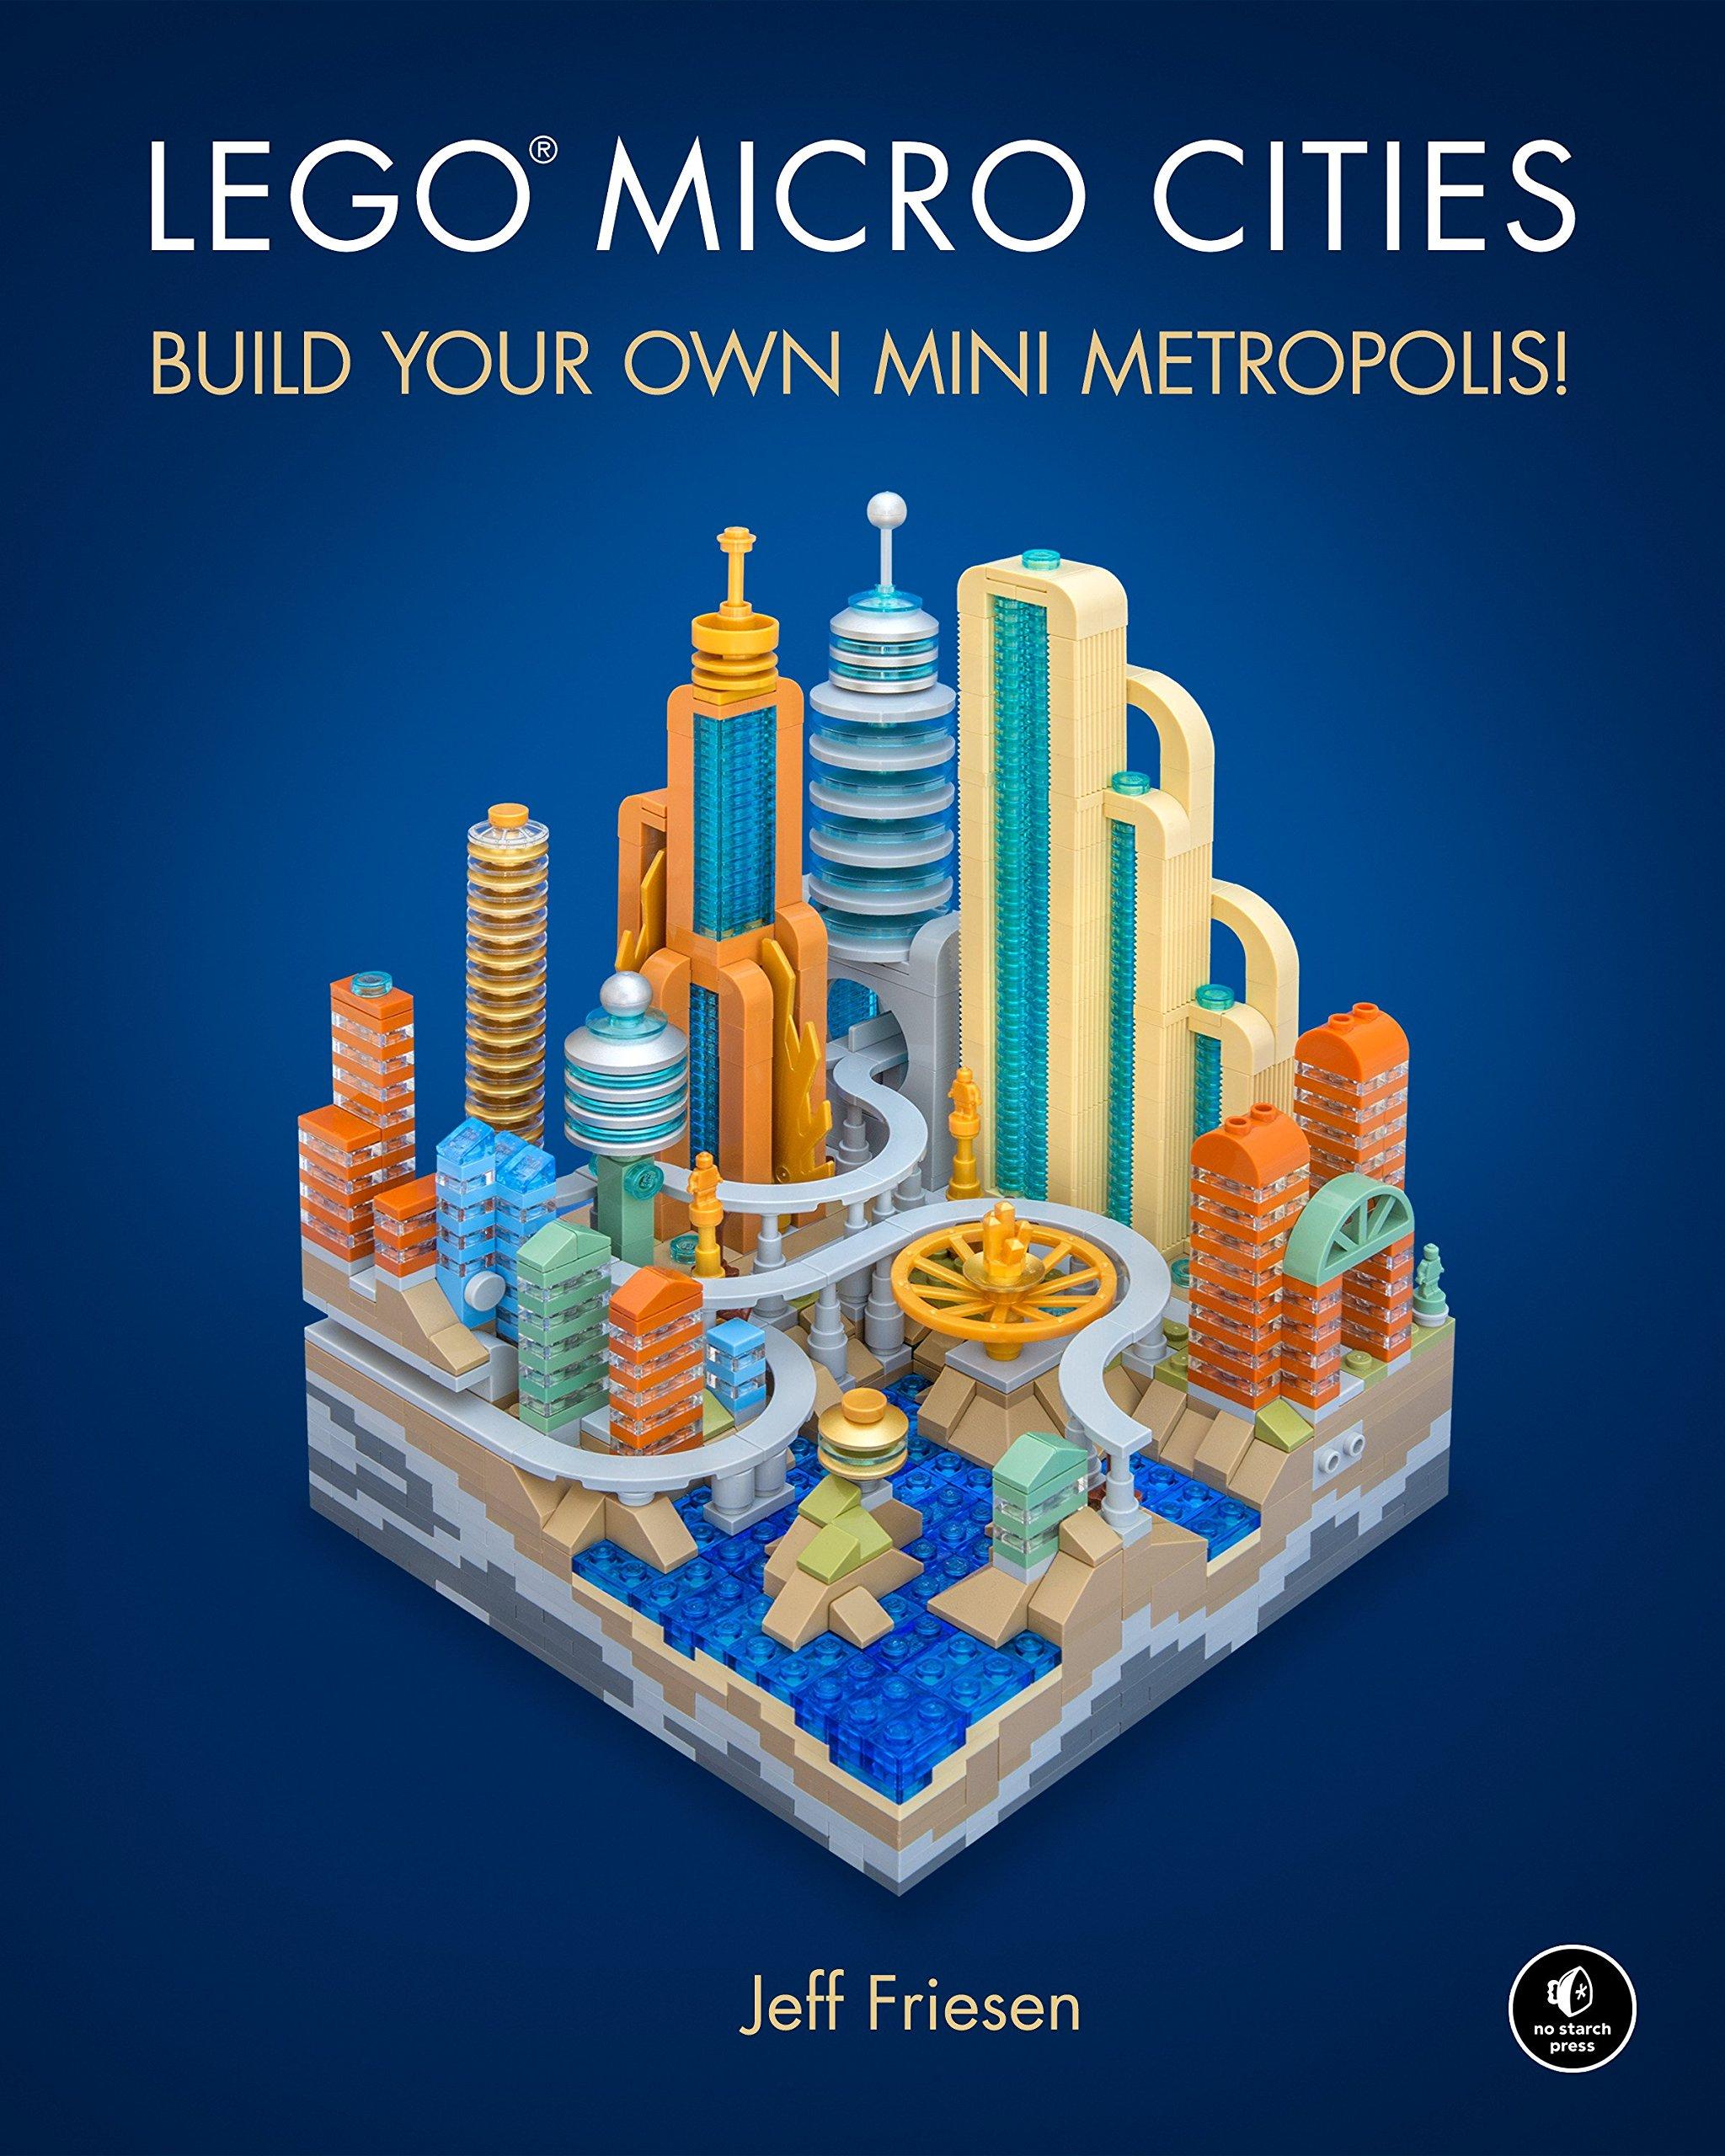 LEGO Micro Cities: Build Your Own Mini Metropolis!: Jeff Friesen